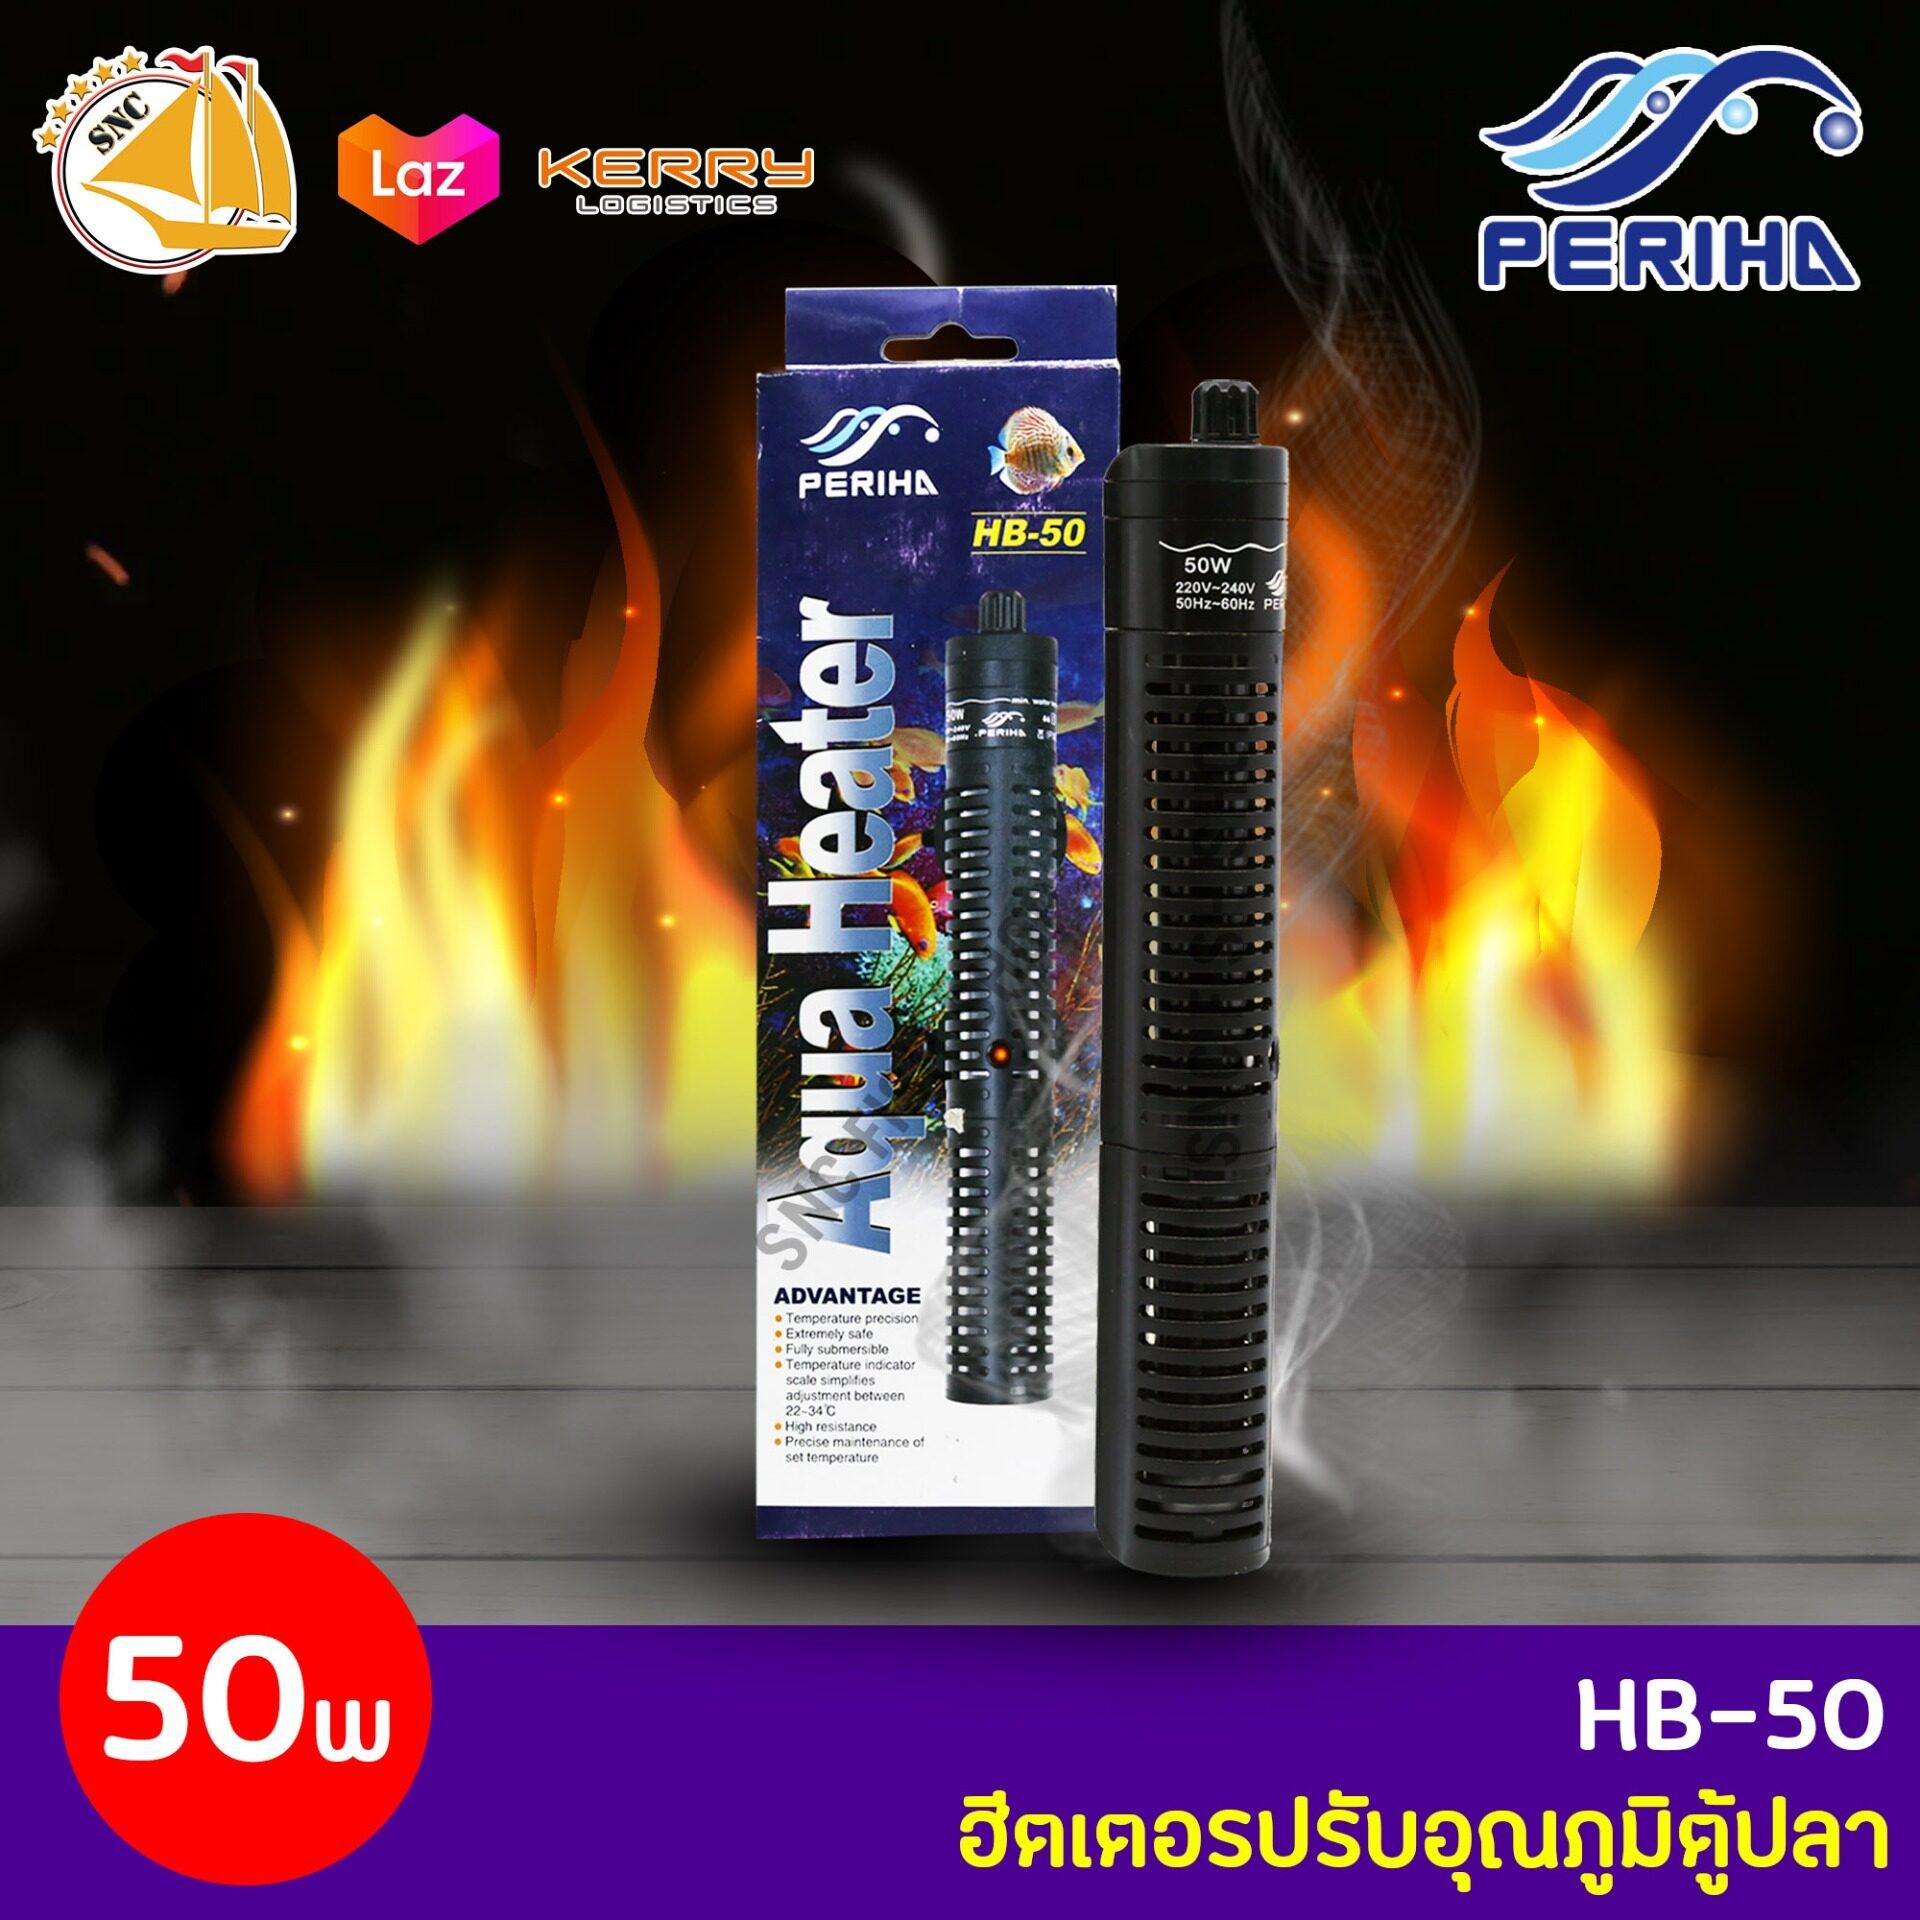 เครื่องควบคุมอุณหภูมิน้ำ Periha Aqua Heater Hb-50 ฮีตเตอร์ตู้ปลา.